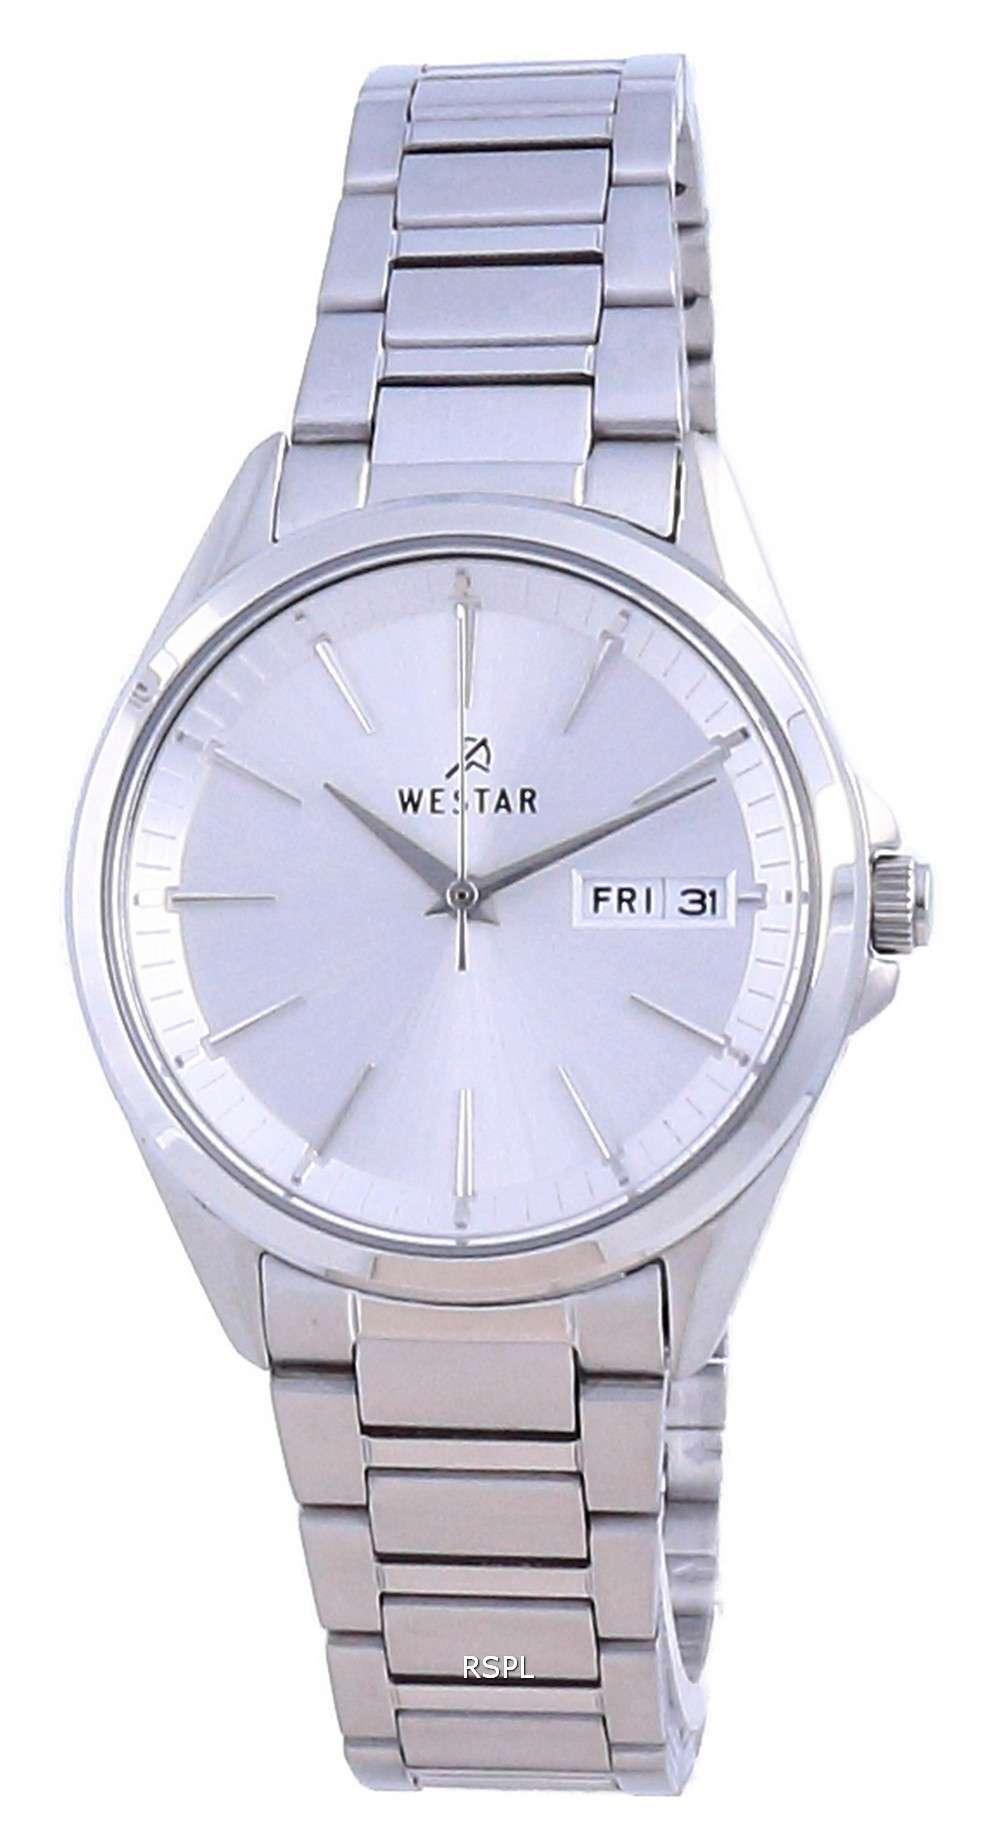 Westar, esfera plateada, acero inoxidable, cuarzo 40212 STN 107, reloj para mujer